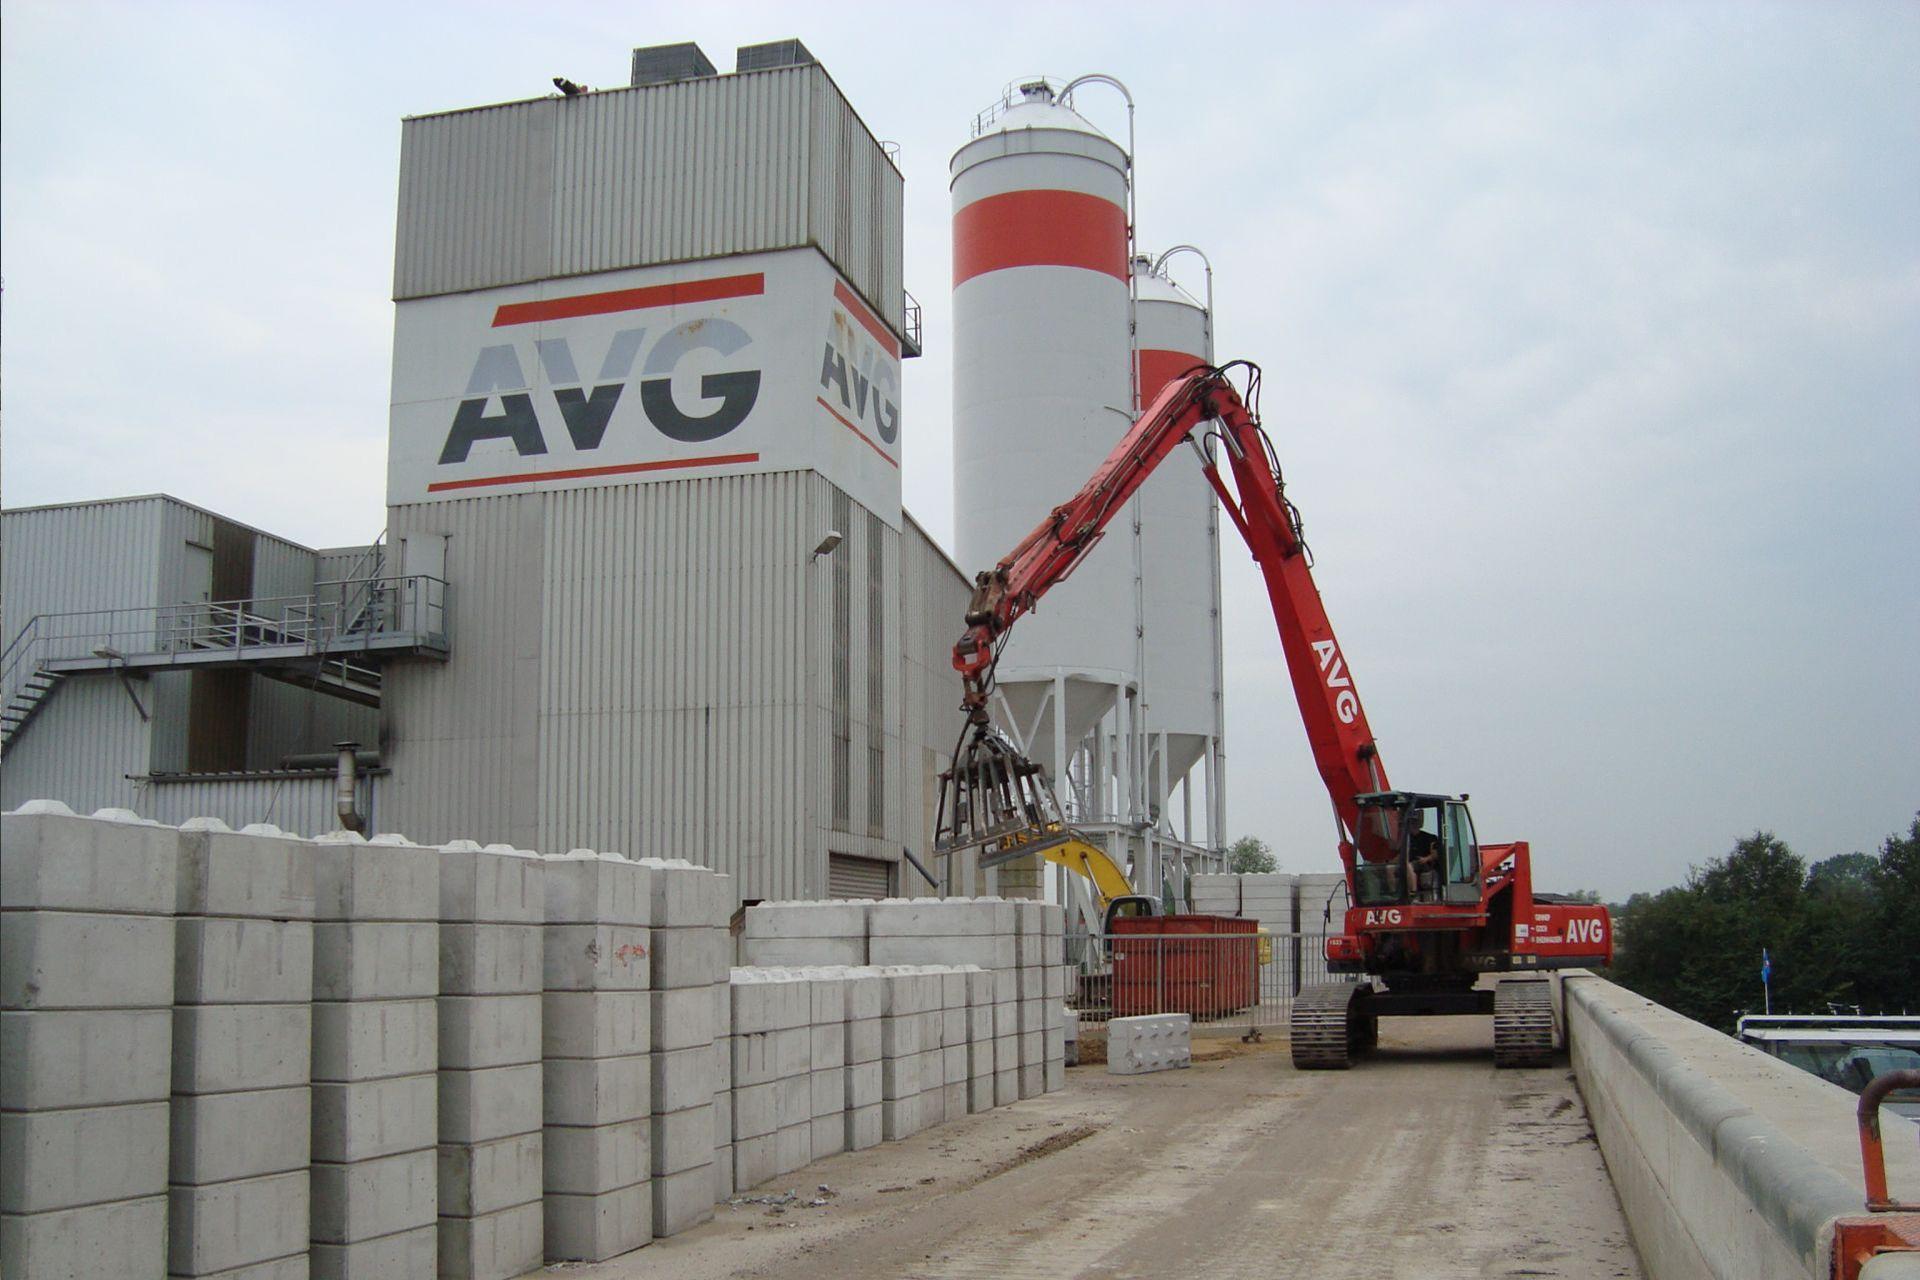 betonblok-avg-bouwstoffen-heijen